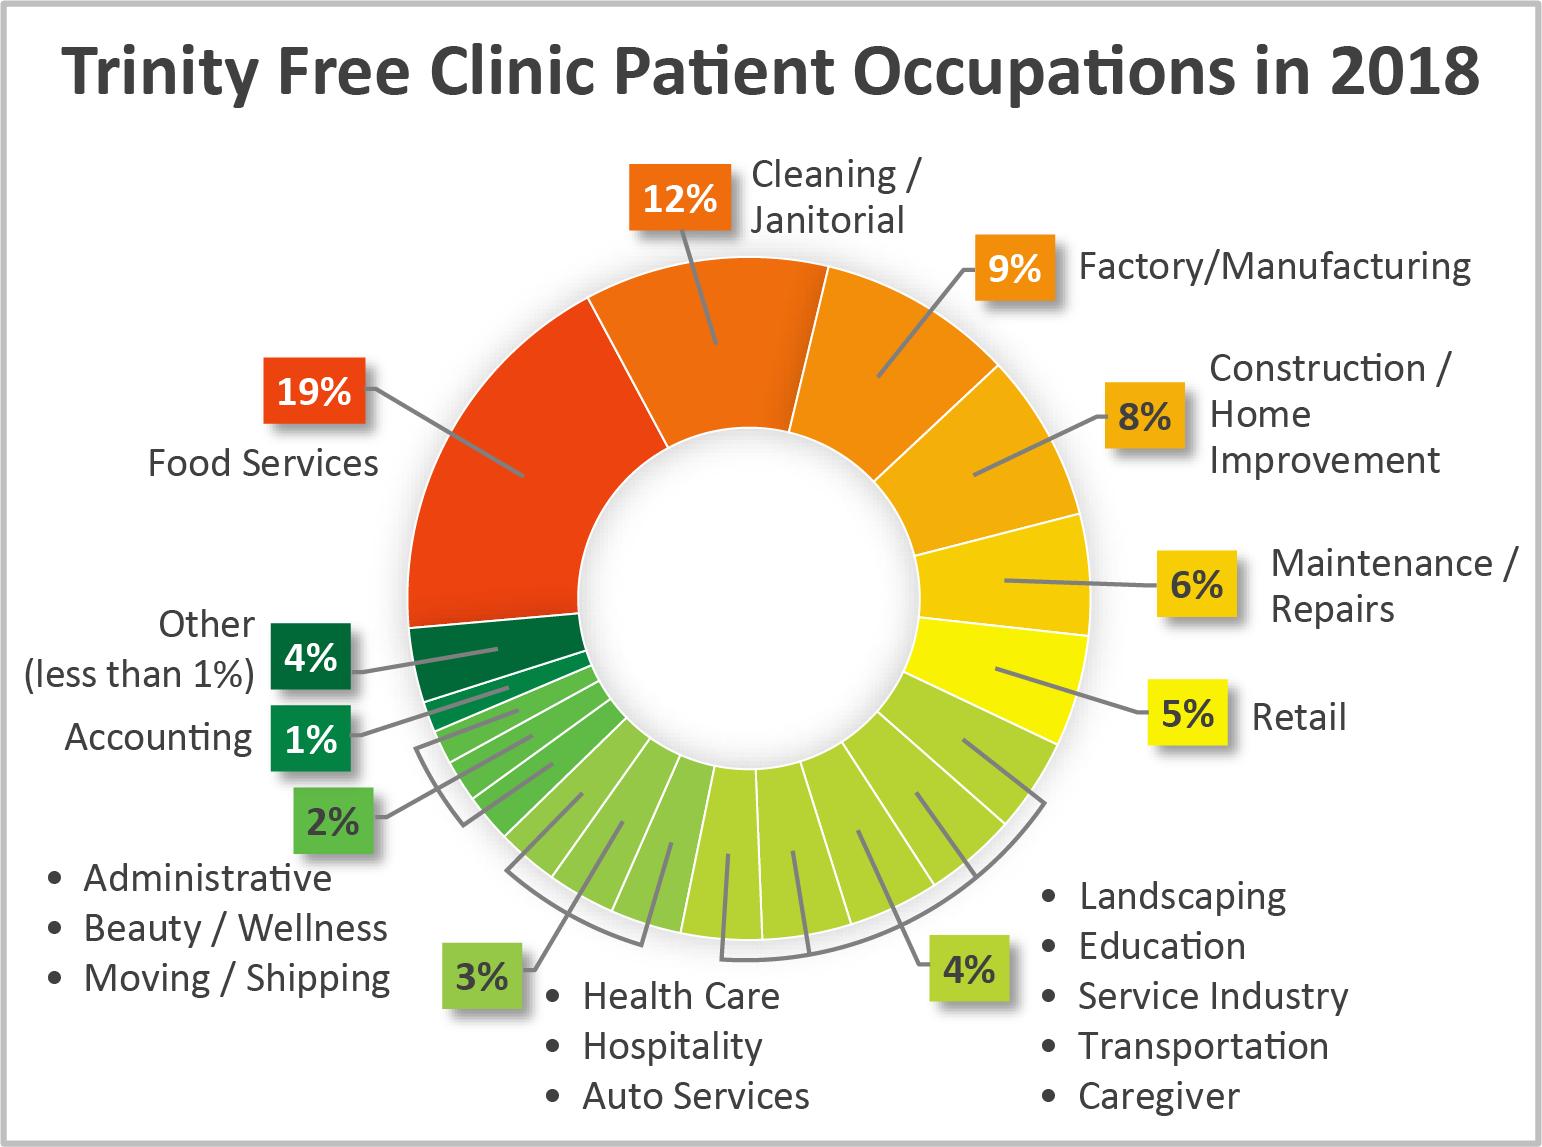 2018 TFC Patient Occupations.png